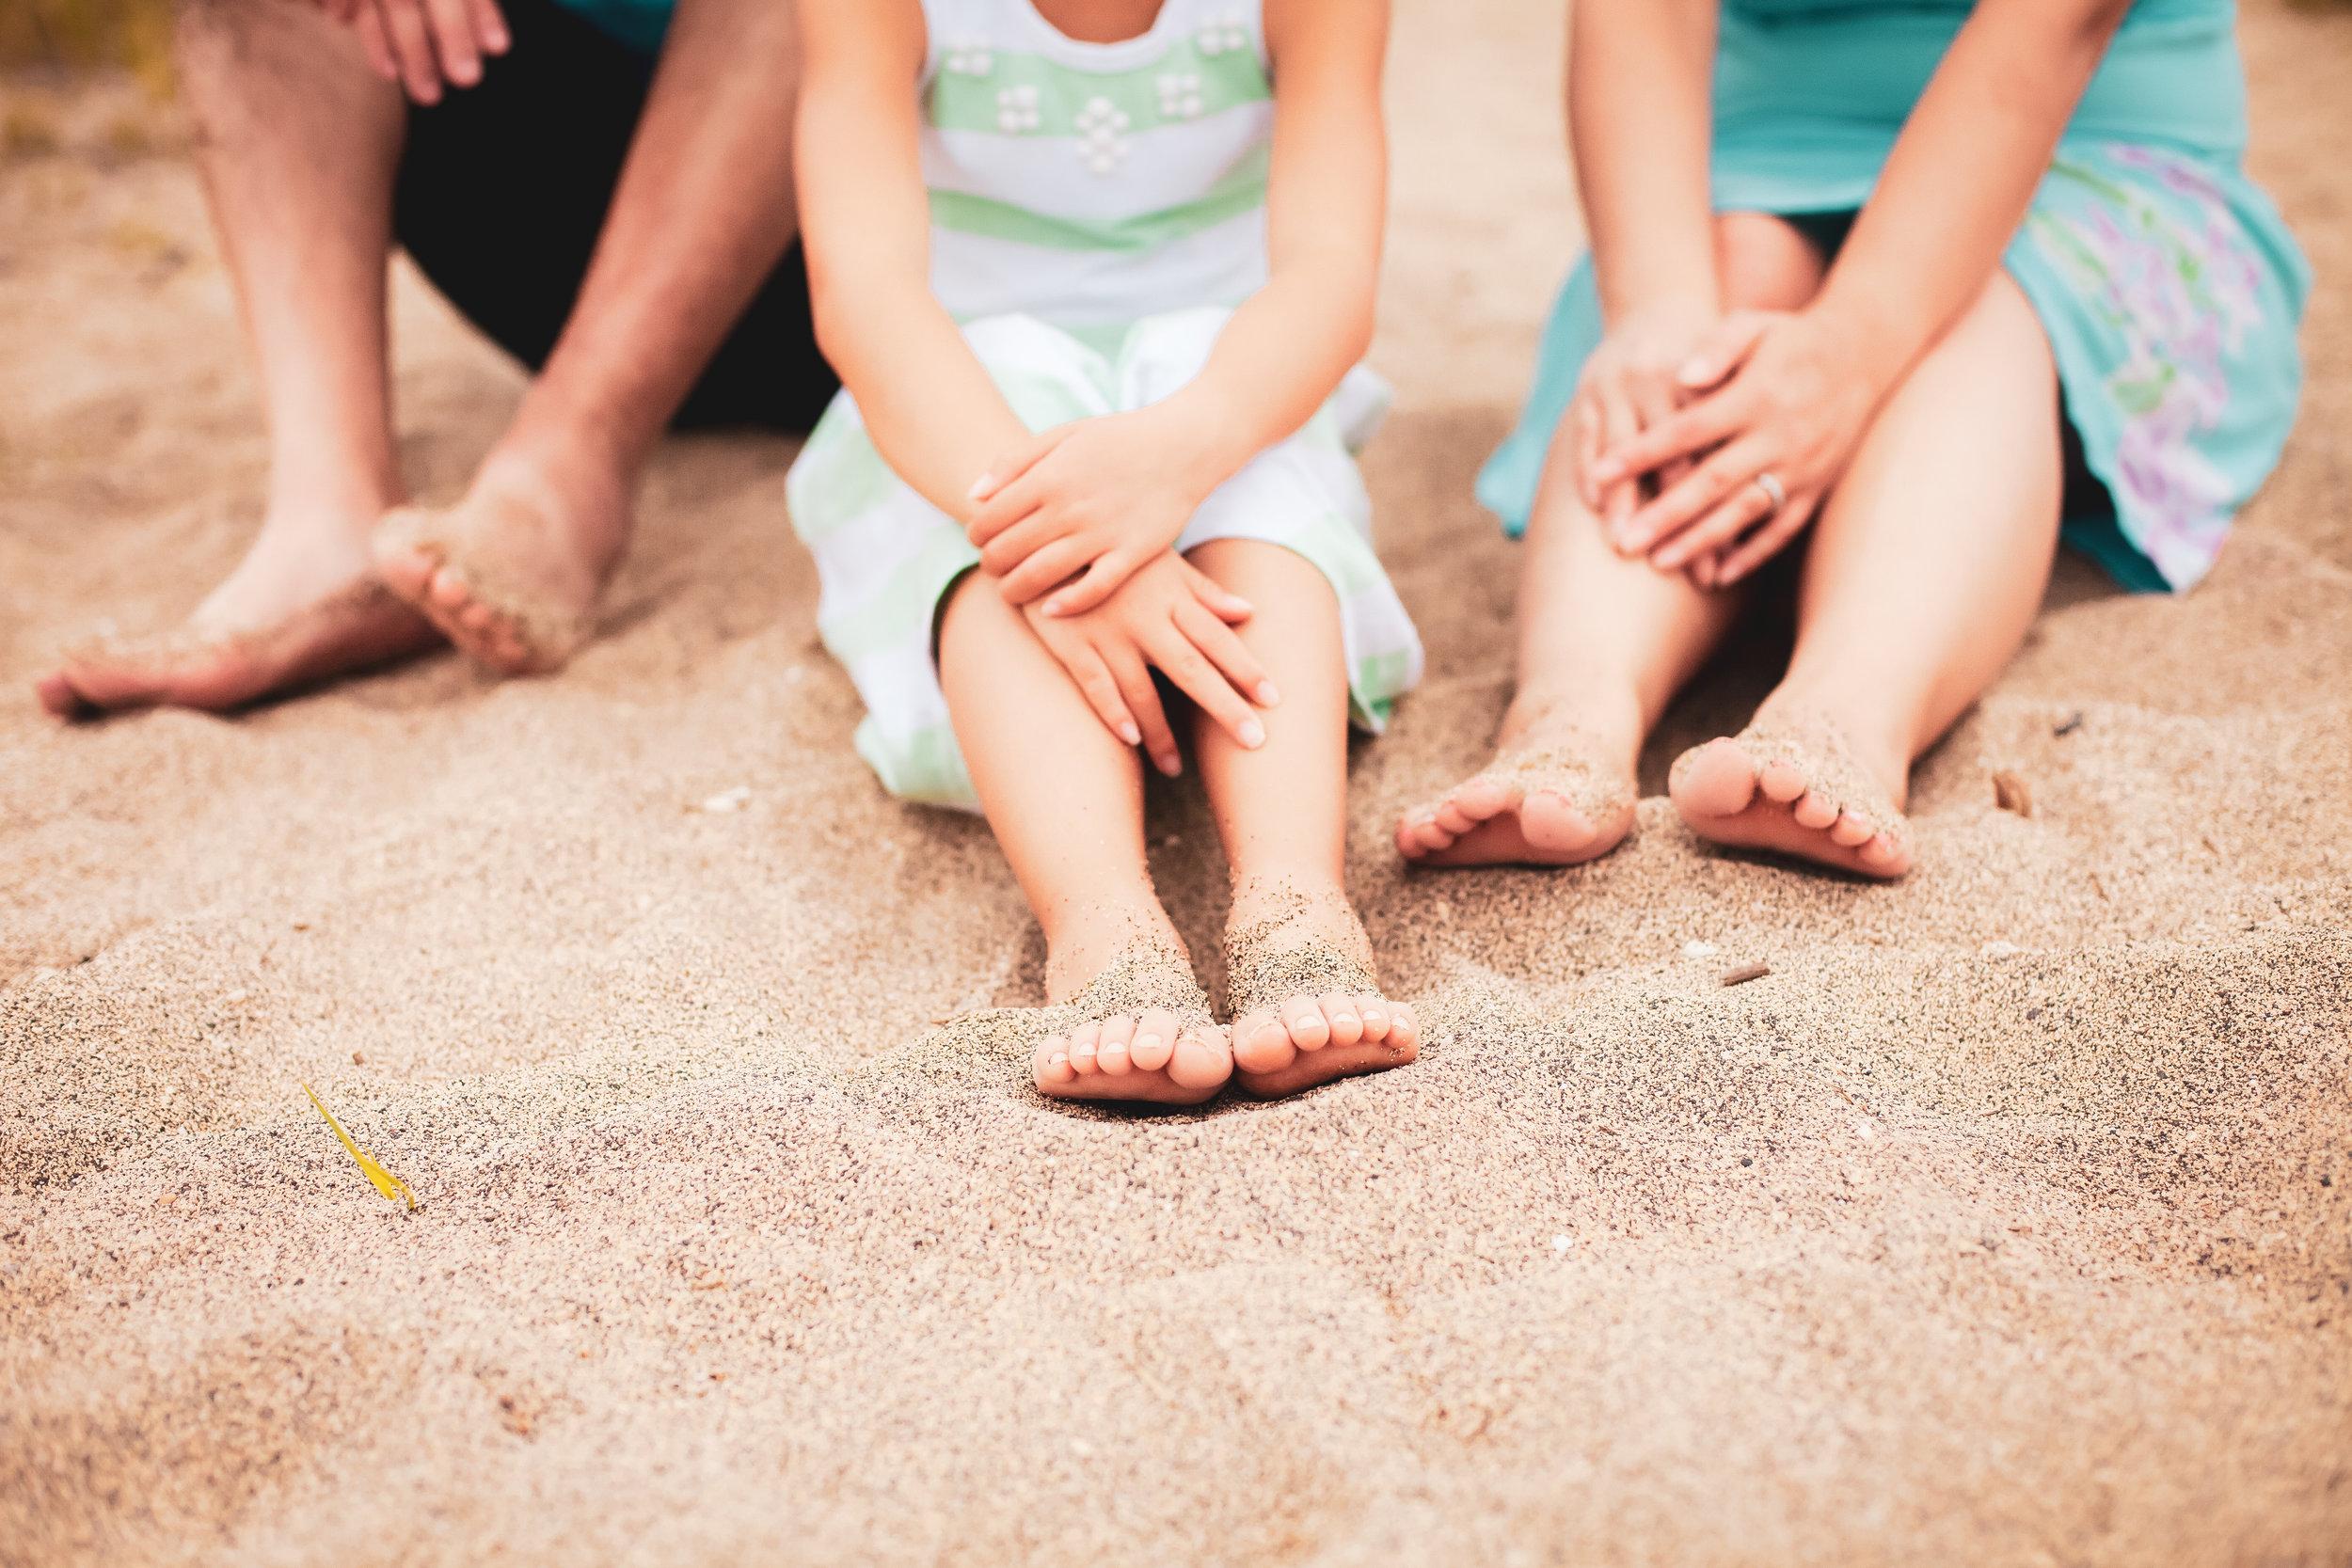 kelilina photography lifestyle family photographer-6.jpg